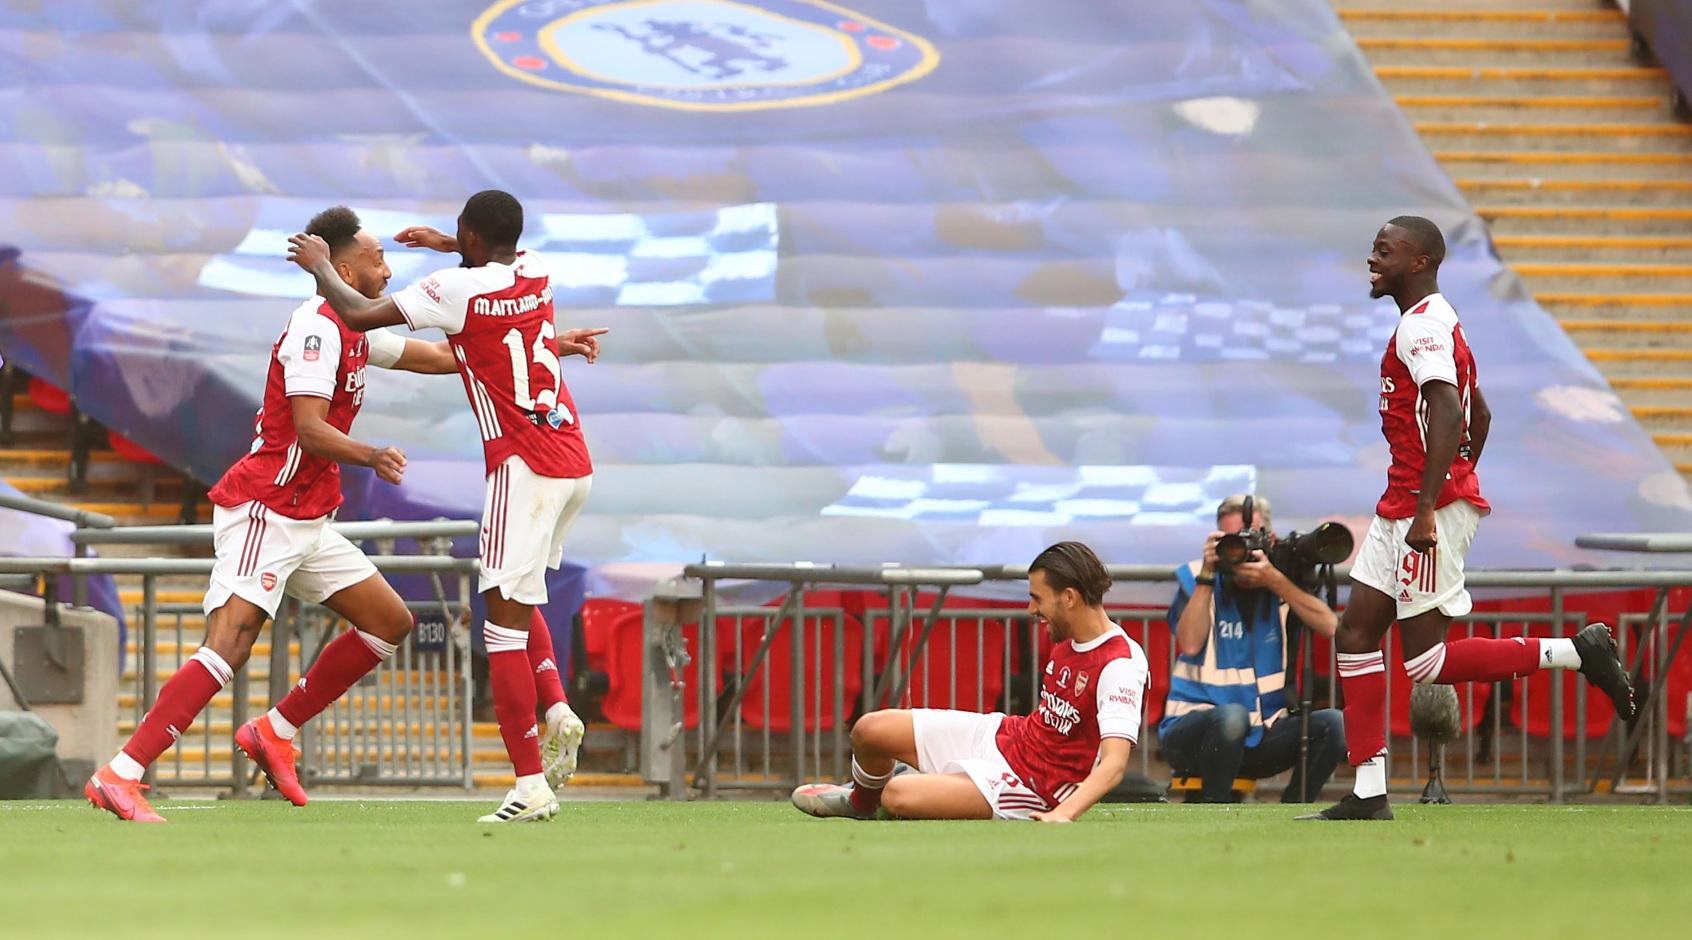 """Лондонский """"Арсенал"""" объявил о намерении уволить 55 сотрудников клуба - игроки недовольны"""